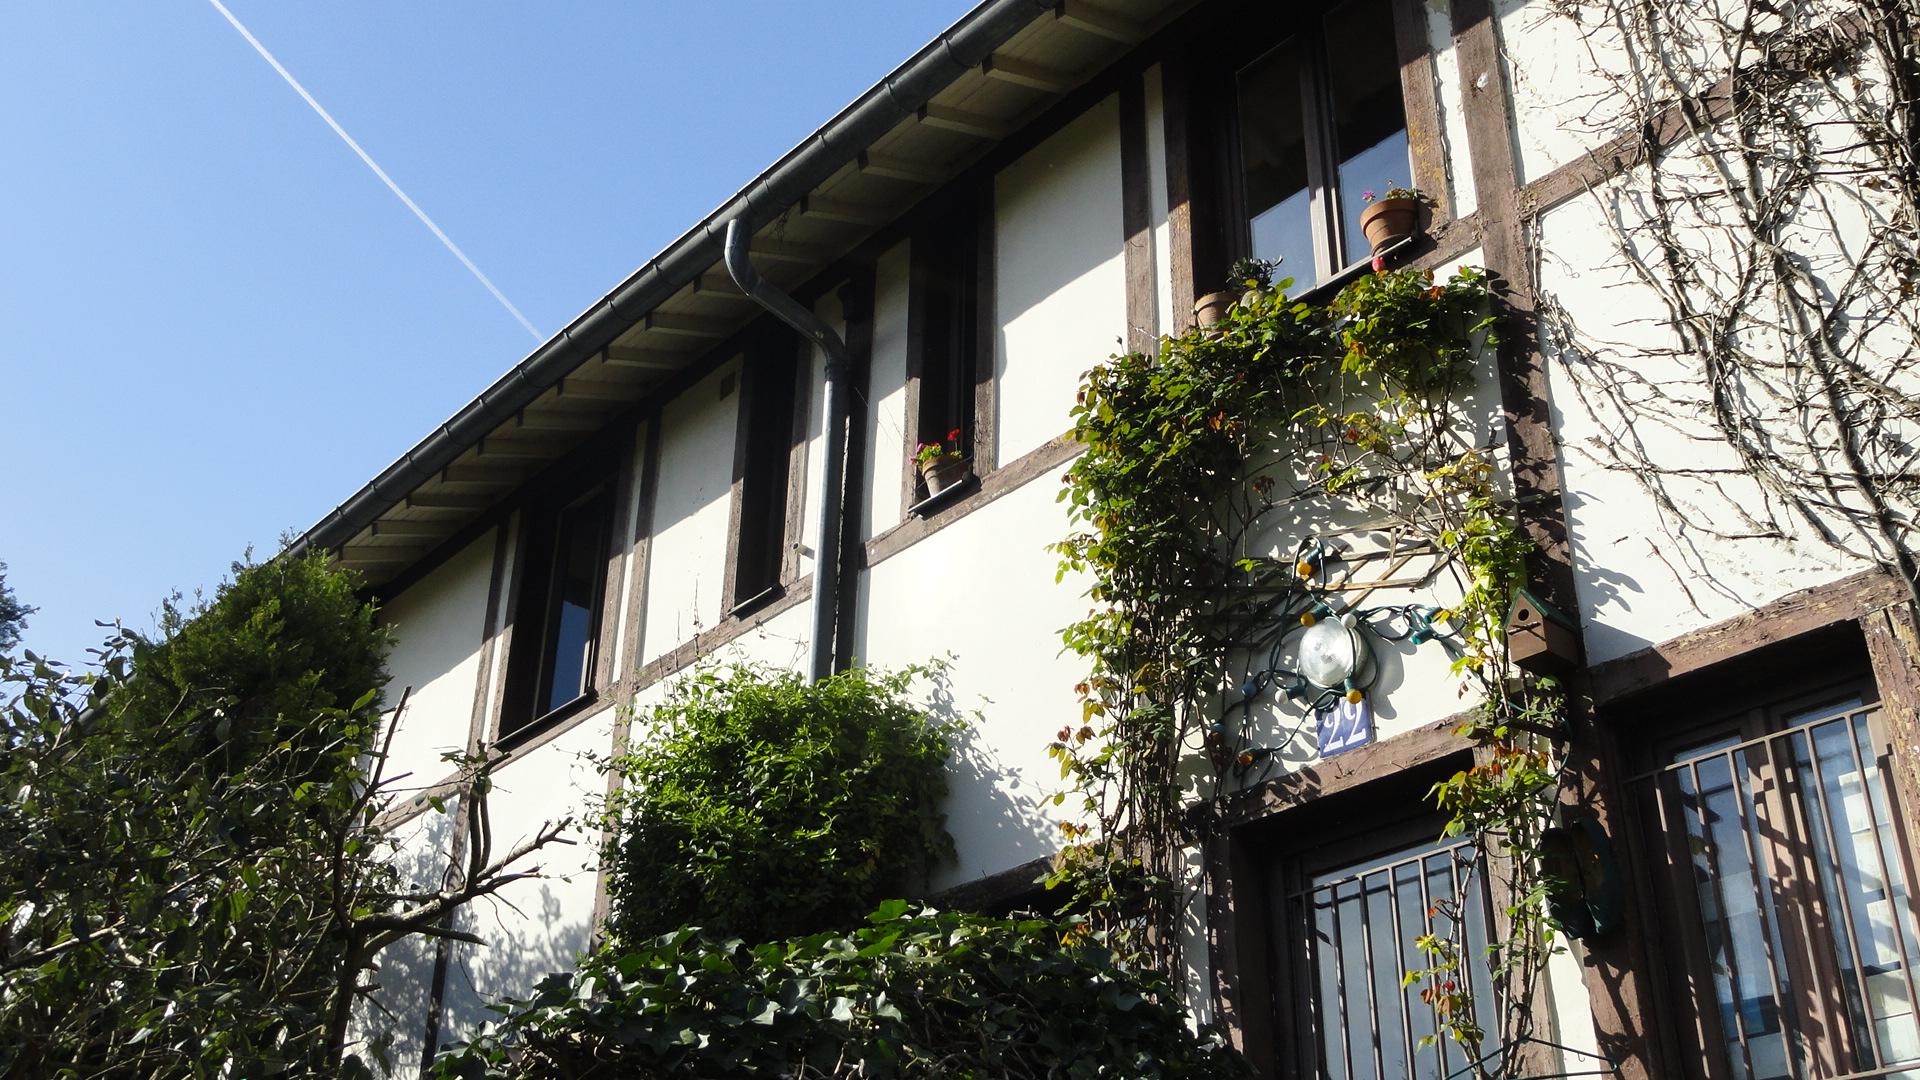 La Cité Fleurie - 65 Boulevard Arago, Paris 13e